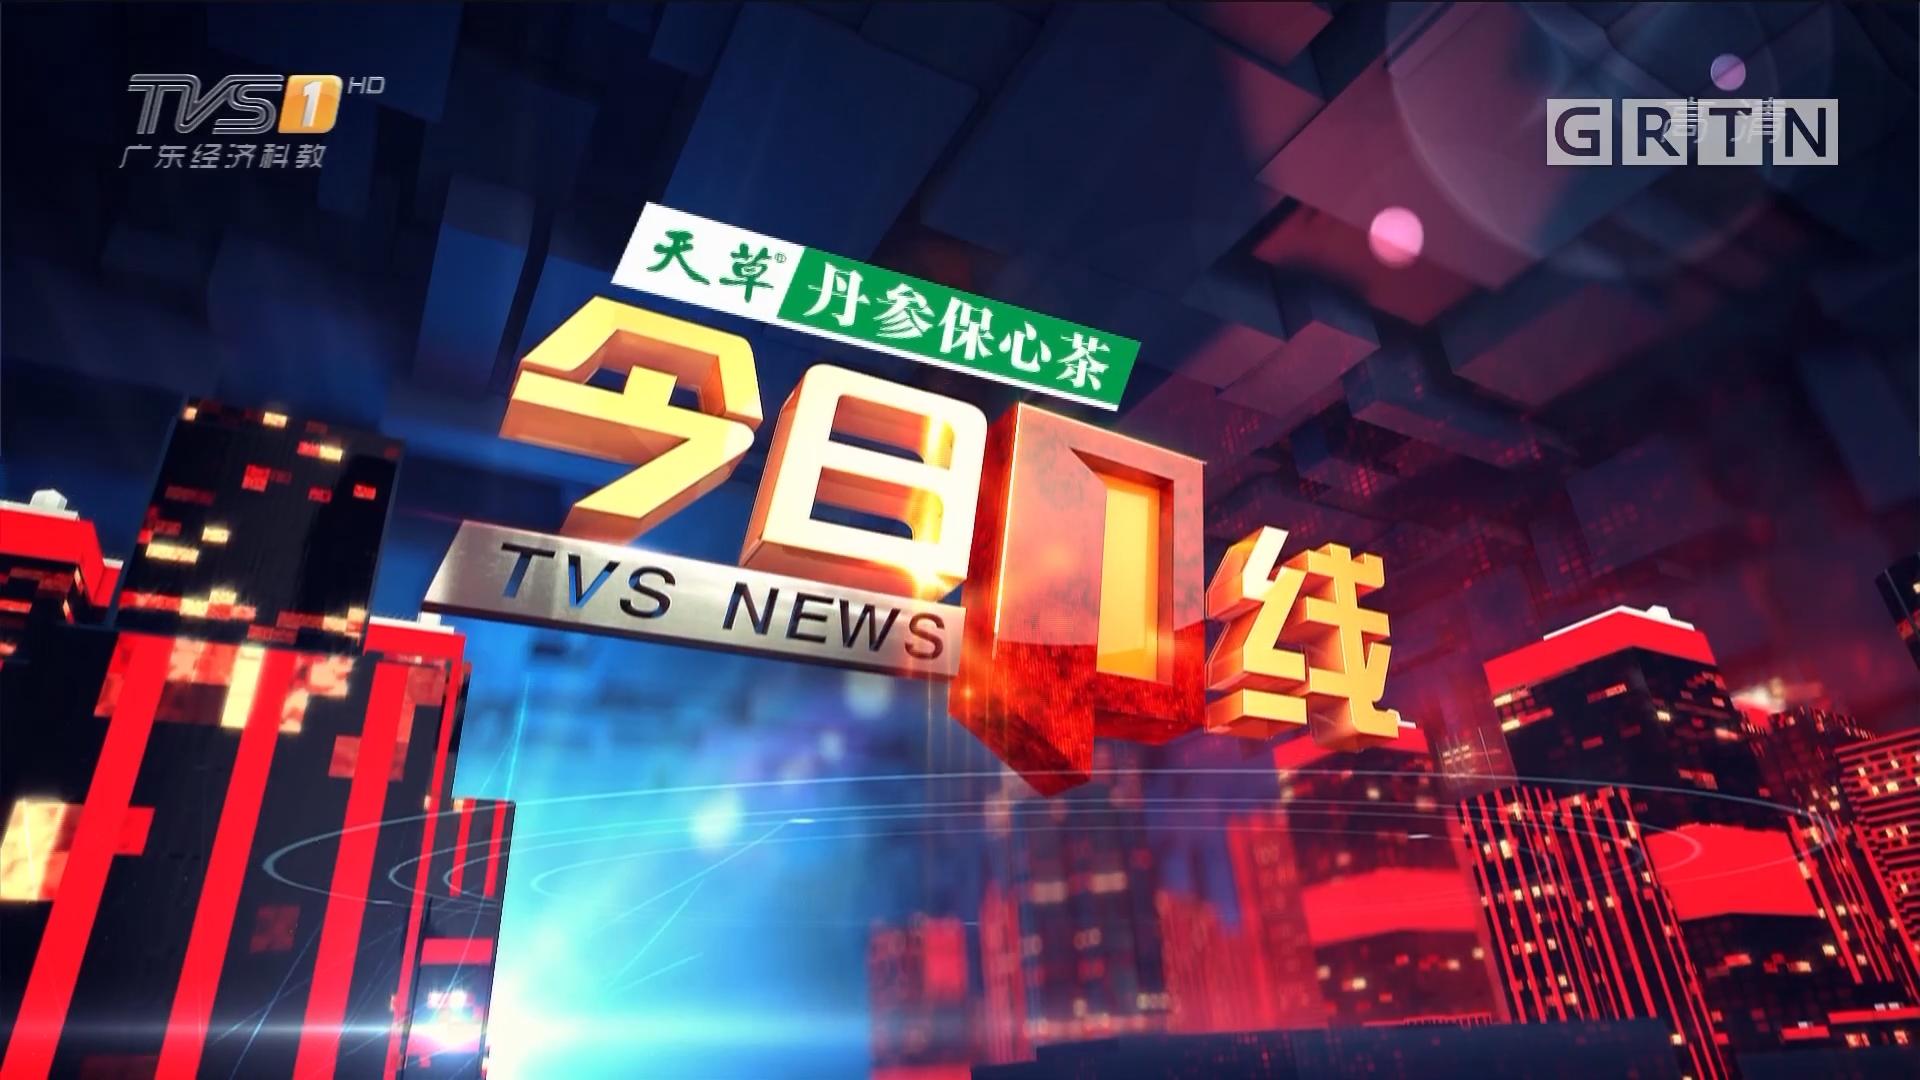 [HD][2017-11-01]今日一线:广州:簕杜鹃花展 五颜六色簕杜鹃争相绽放 引人入胜